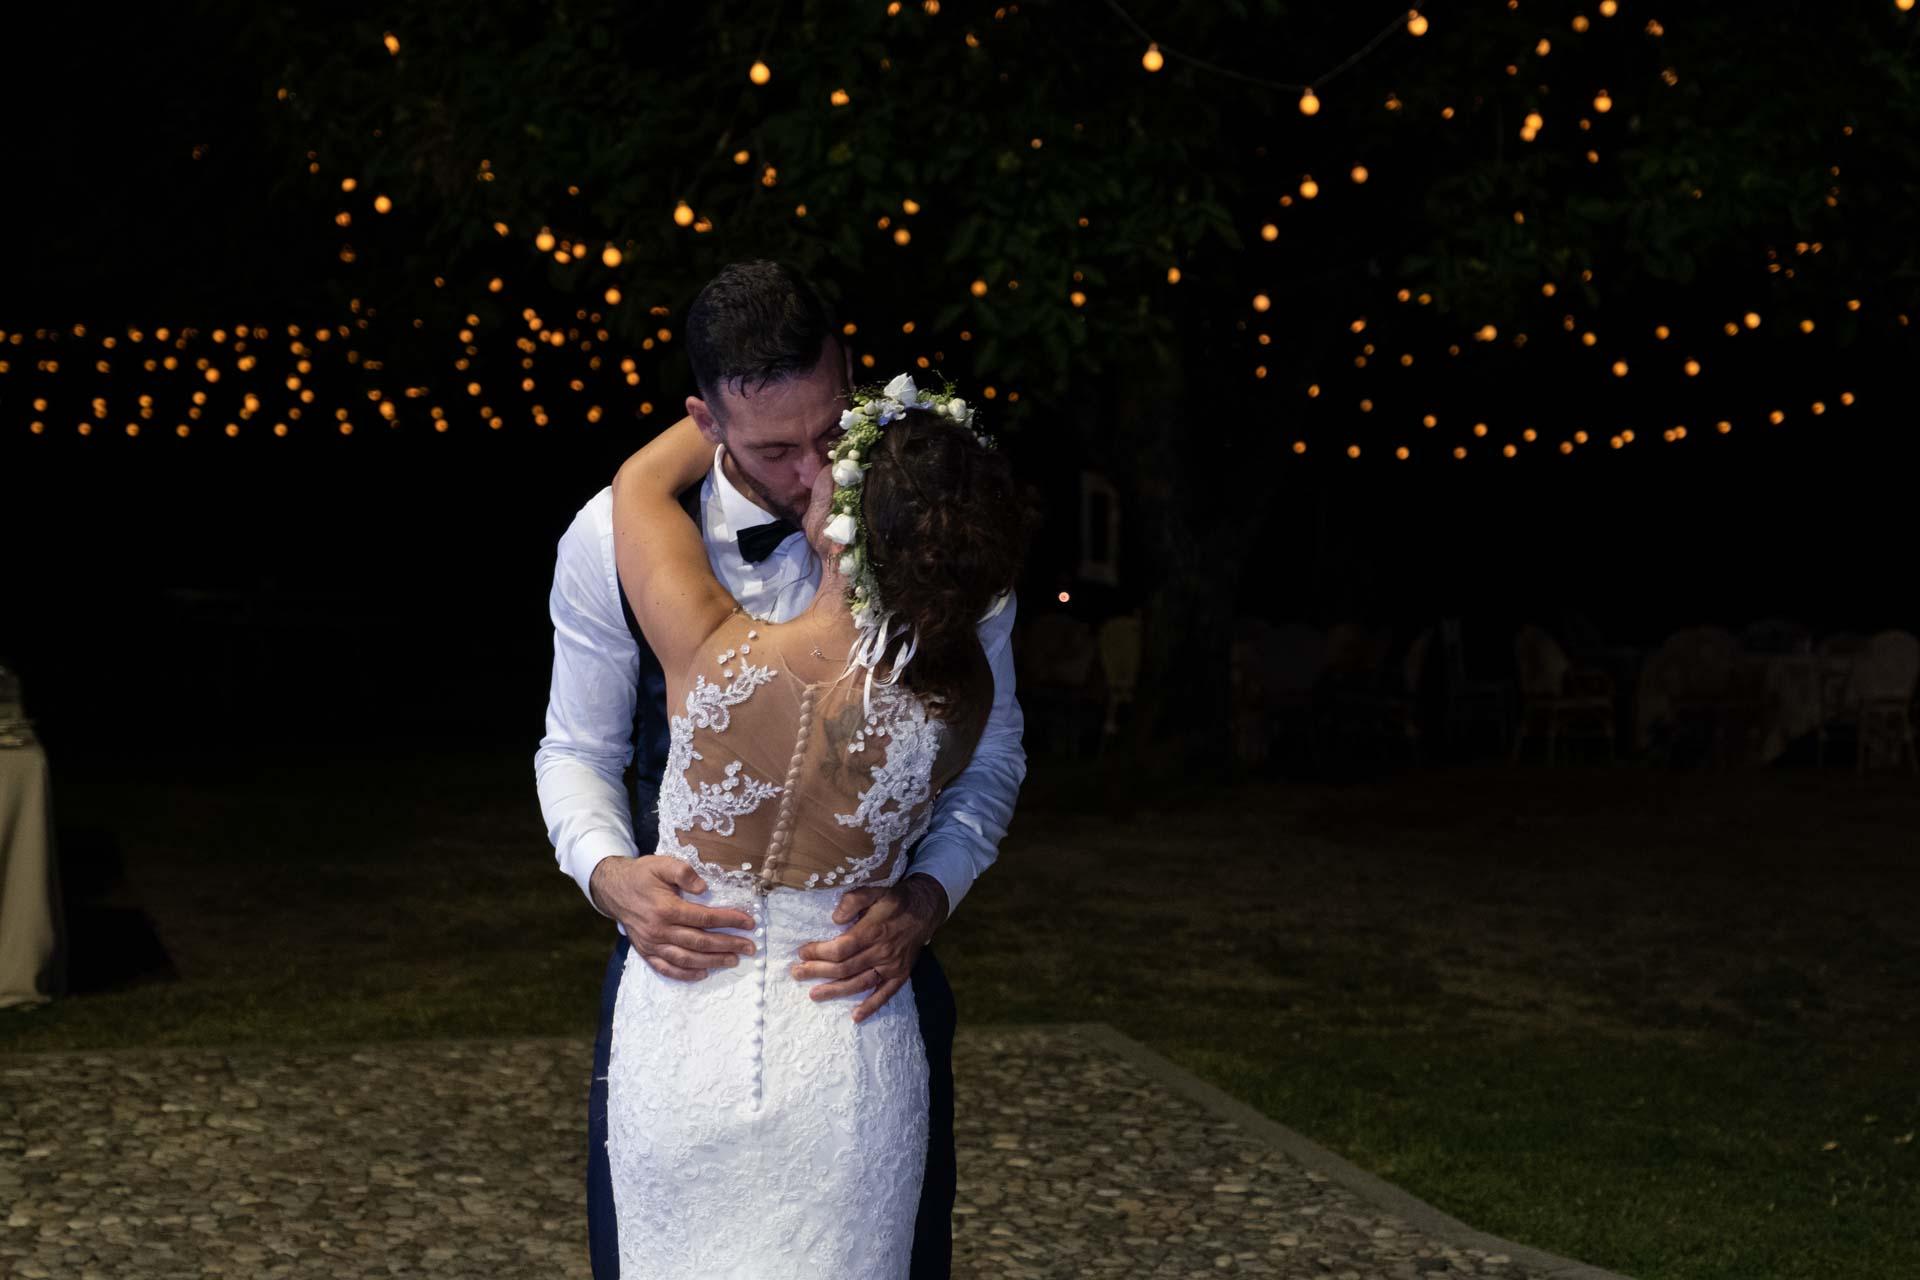 Sposi bacio notte luci esterno